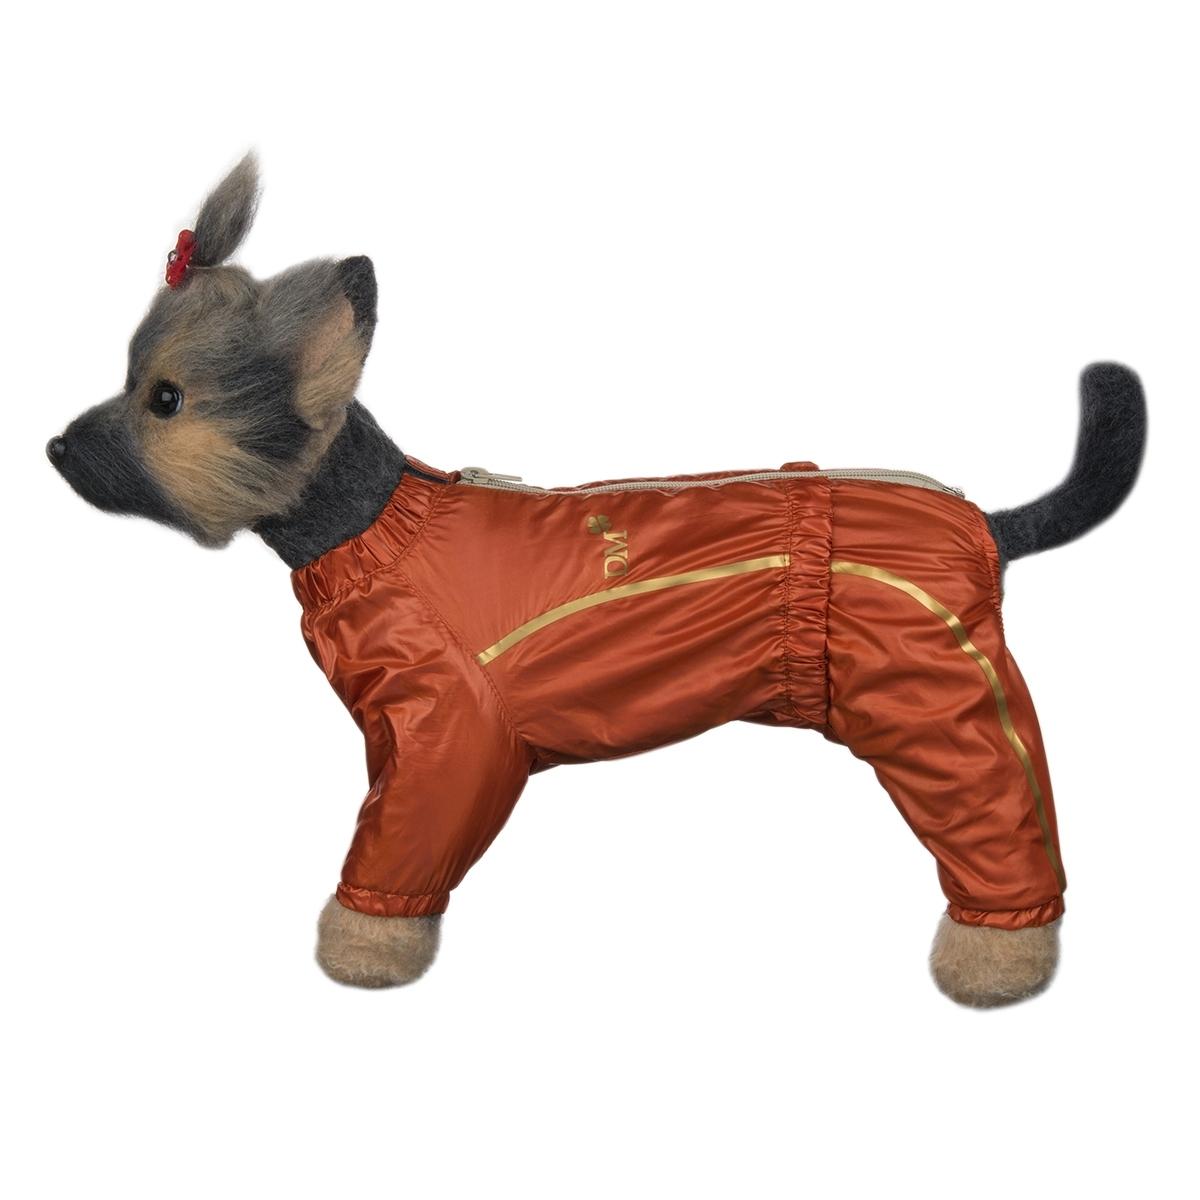 Комбинезон для собак Dogmoda Альпы, для девочки, цвет: оранжевый. Размер 3 (L). DM-160102DM-160102-3_оранжКомбинезон для собак Dogmoda Альпы отлично подойдет для прогулок поздней осенью или ранней весной.Комбинезон изготовлен из полиэстера, защищающего от ветра и осадков, с подкладкой из вискозы и полиэстера, которая сохранит тепло и обеспечит отличный воздухообмен.Комбинезон застегивается на молнию и липучку, благодаря чему его легко надевать и снимать. Ворот, низ рукавов и брючин оснащены внутренними резинками, которые мягко обхватывают шею и лапки, не позволяя просачиваться холодному воздуху. На пояснице имеется внутренняя резинка. Изделие декорировано золотистыми полосками и надписью DM.Благодаря такому комбинезону простуда не грозит вашему питомцу и он не даст любимцу продрогнуть на прогулке.Длина по спинке: 28 см.Объем груди: 45 см.Обхват шеи: 29 см.